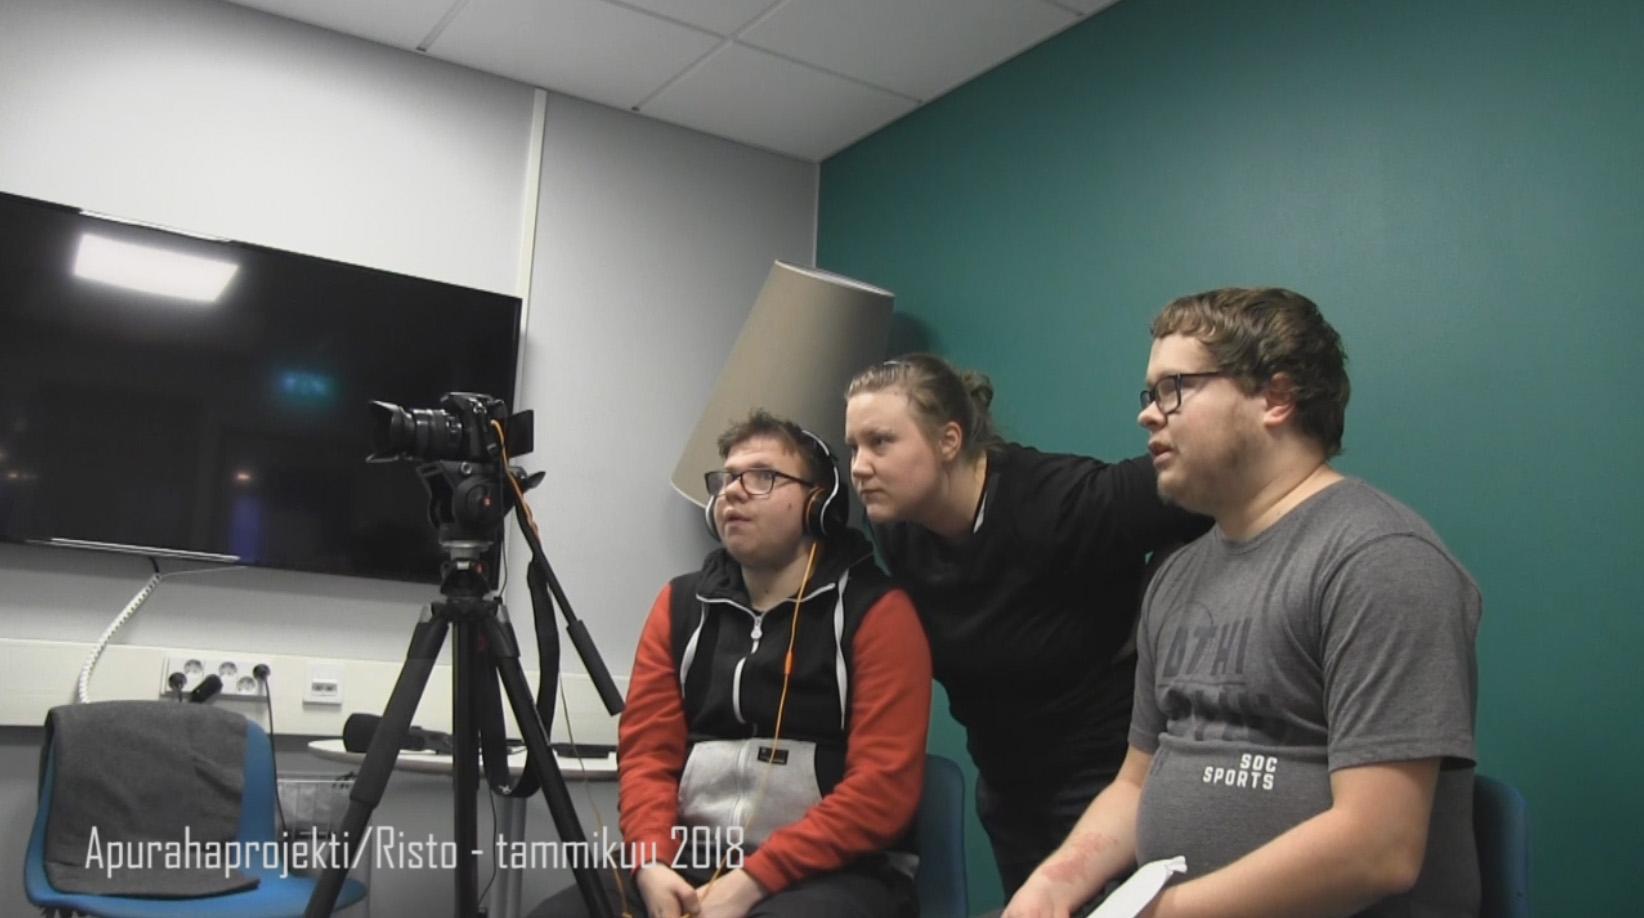 Riku Seppälä, Jonna Nieminen ja Joona Laiho haastattelevat Risto Burmania.